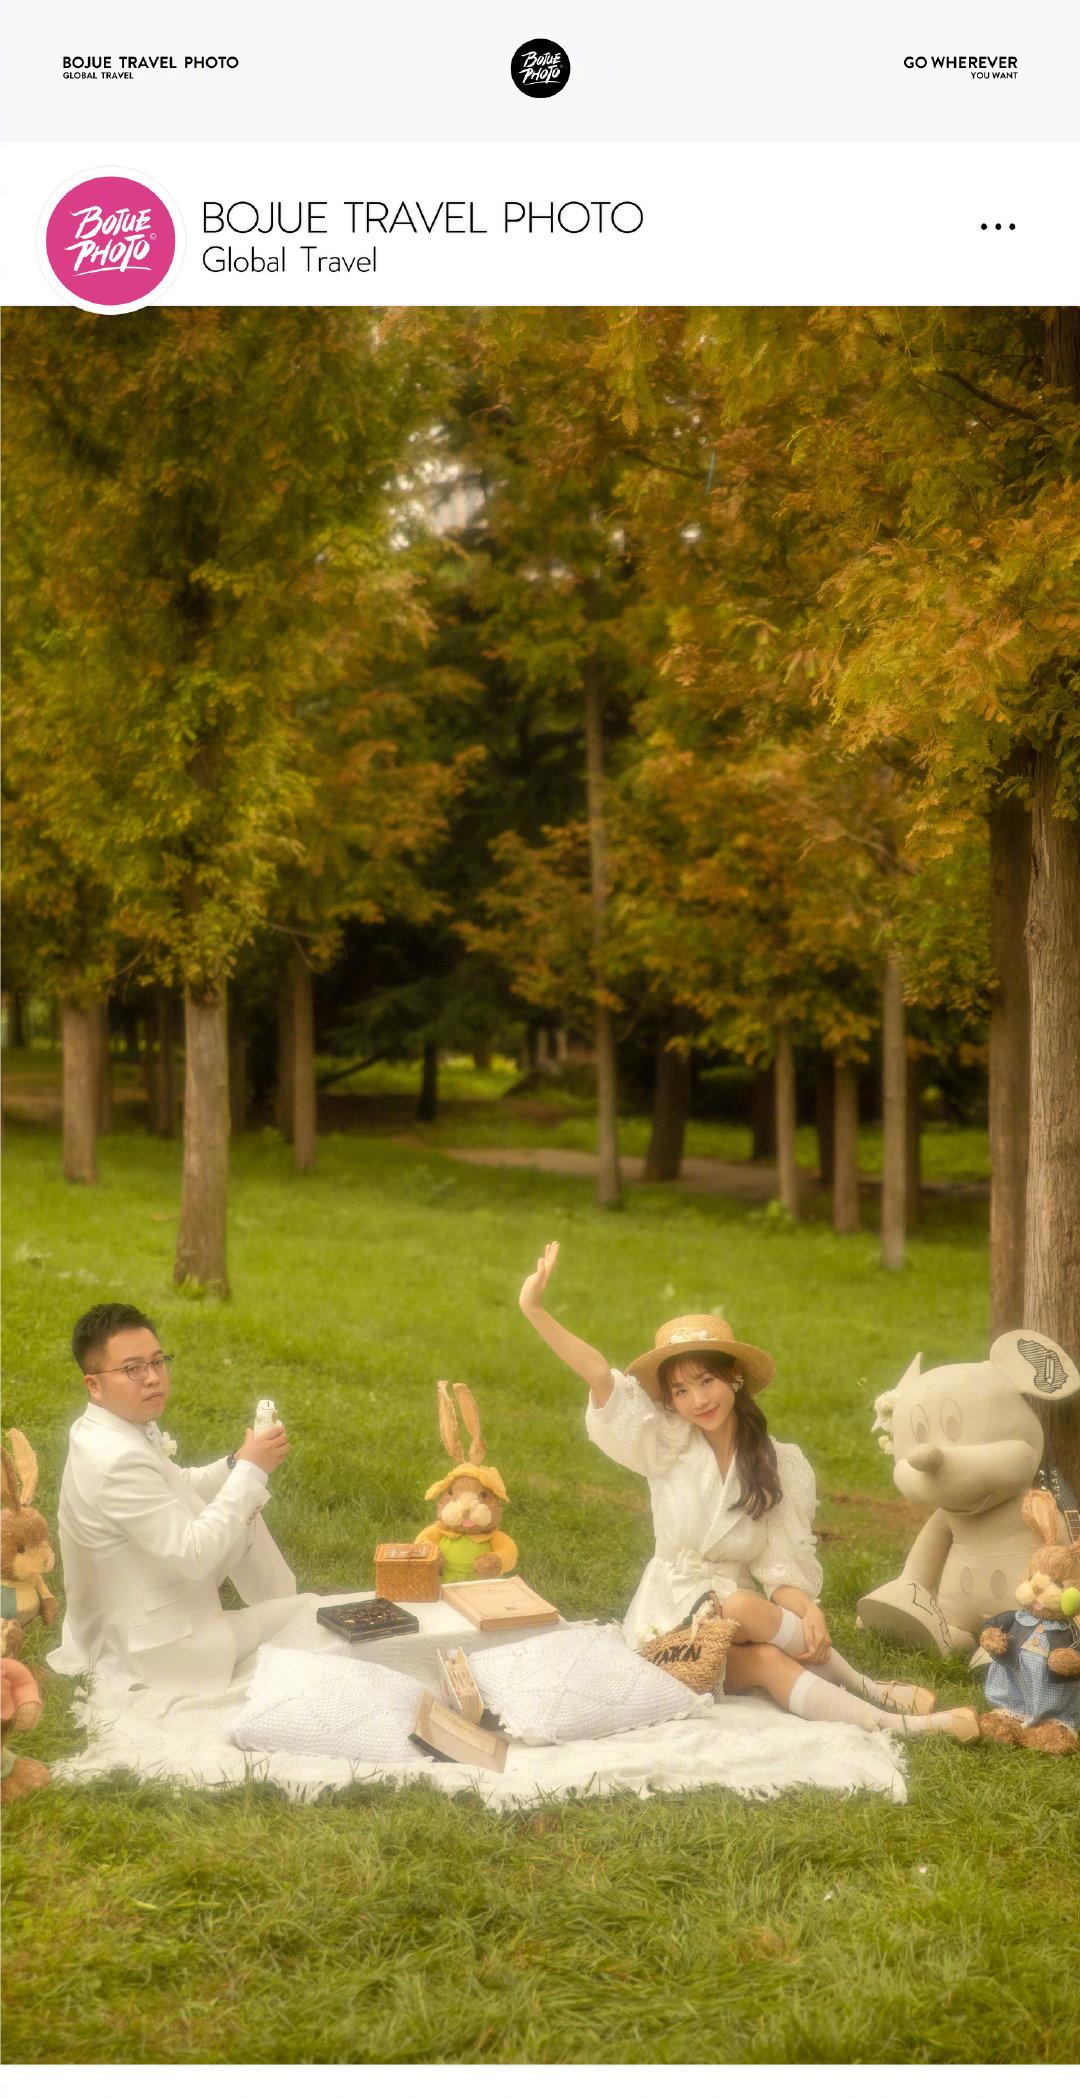 铂爵旅拍大连婚纱照 一次快乐的拍摄体验